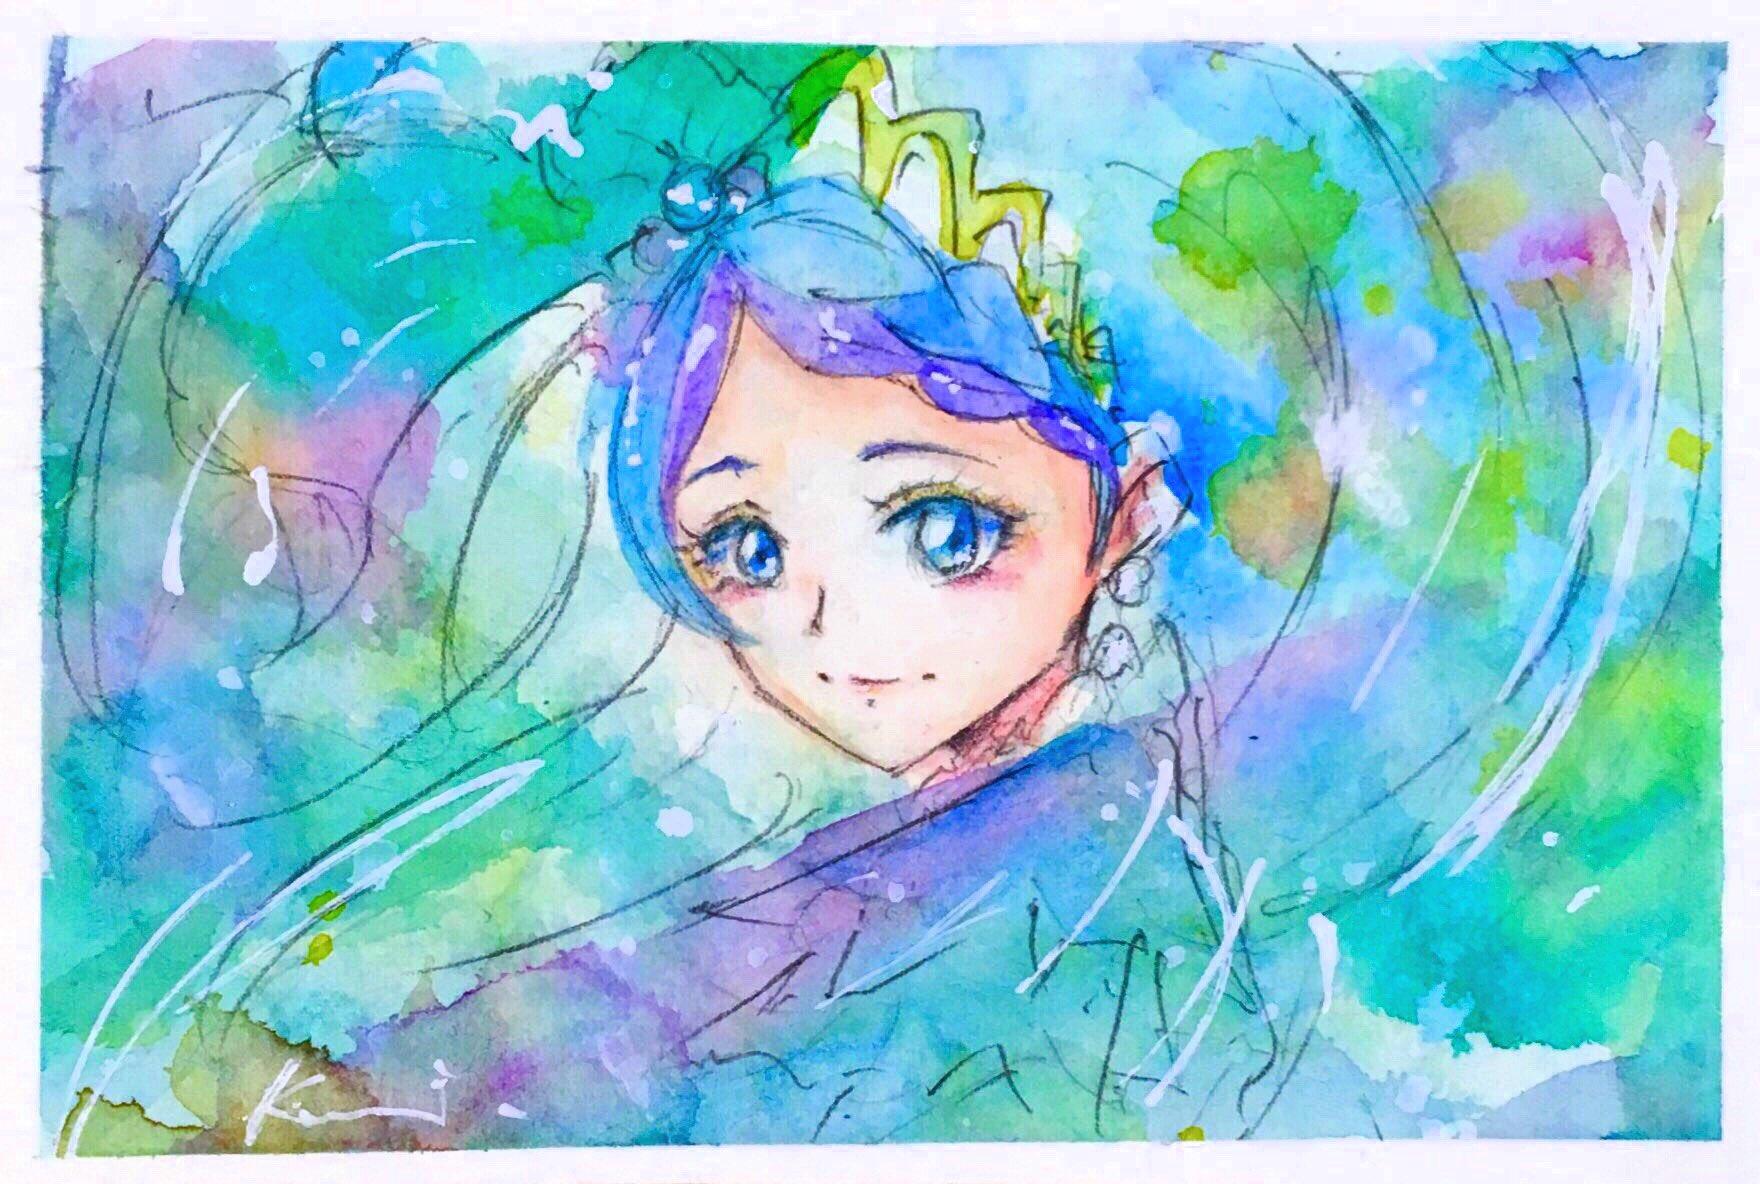 こむらがえり (@komuragaeri222)さんのイラスト